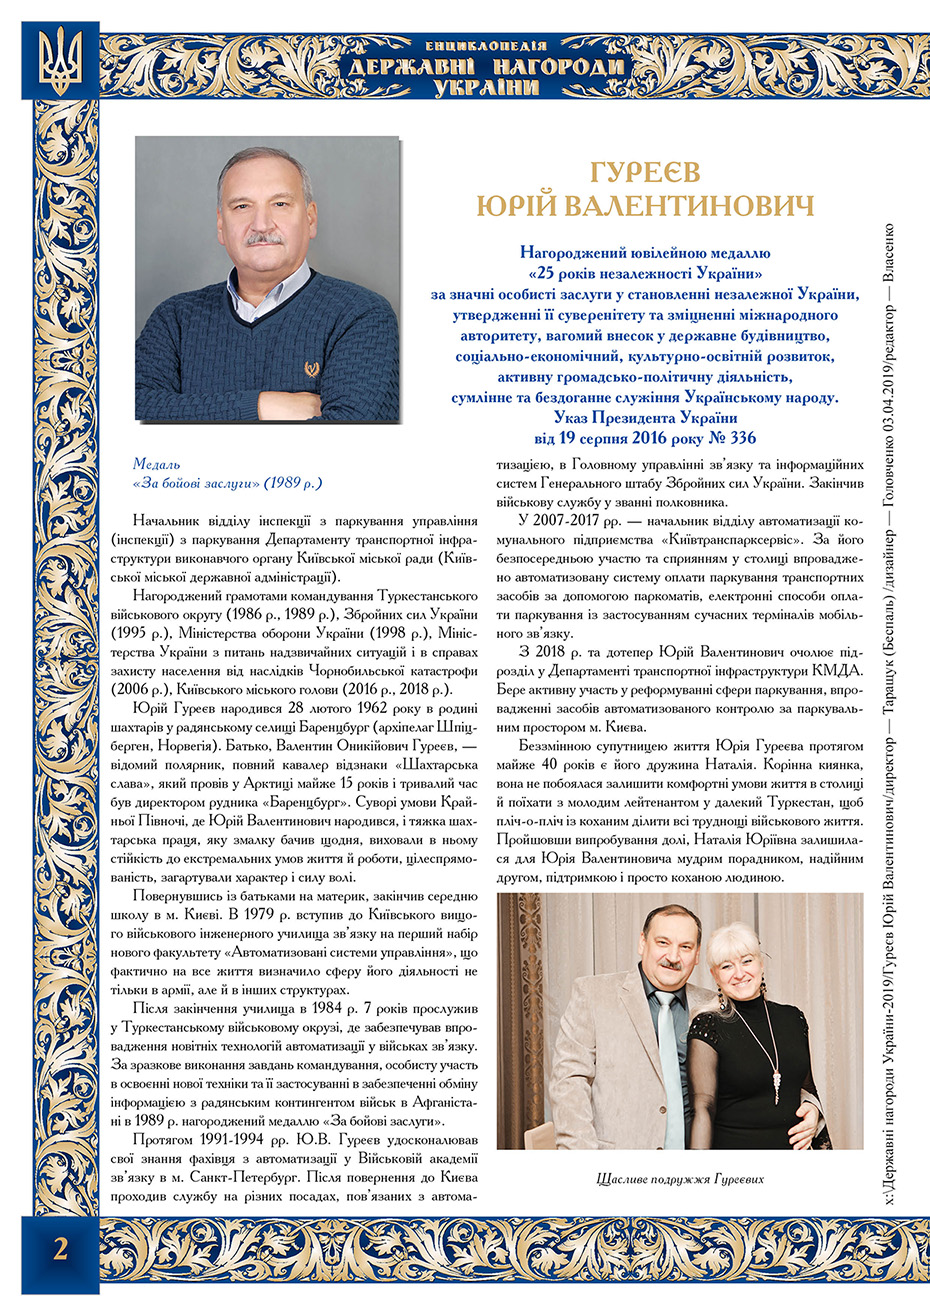 Гуреєв Юрій Валентинович